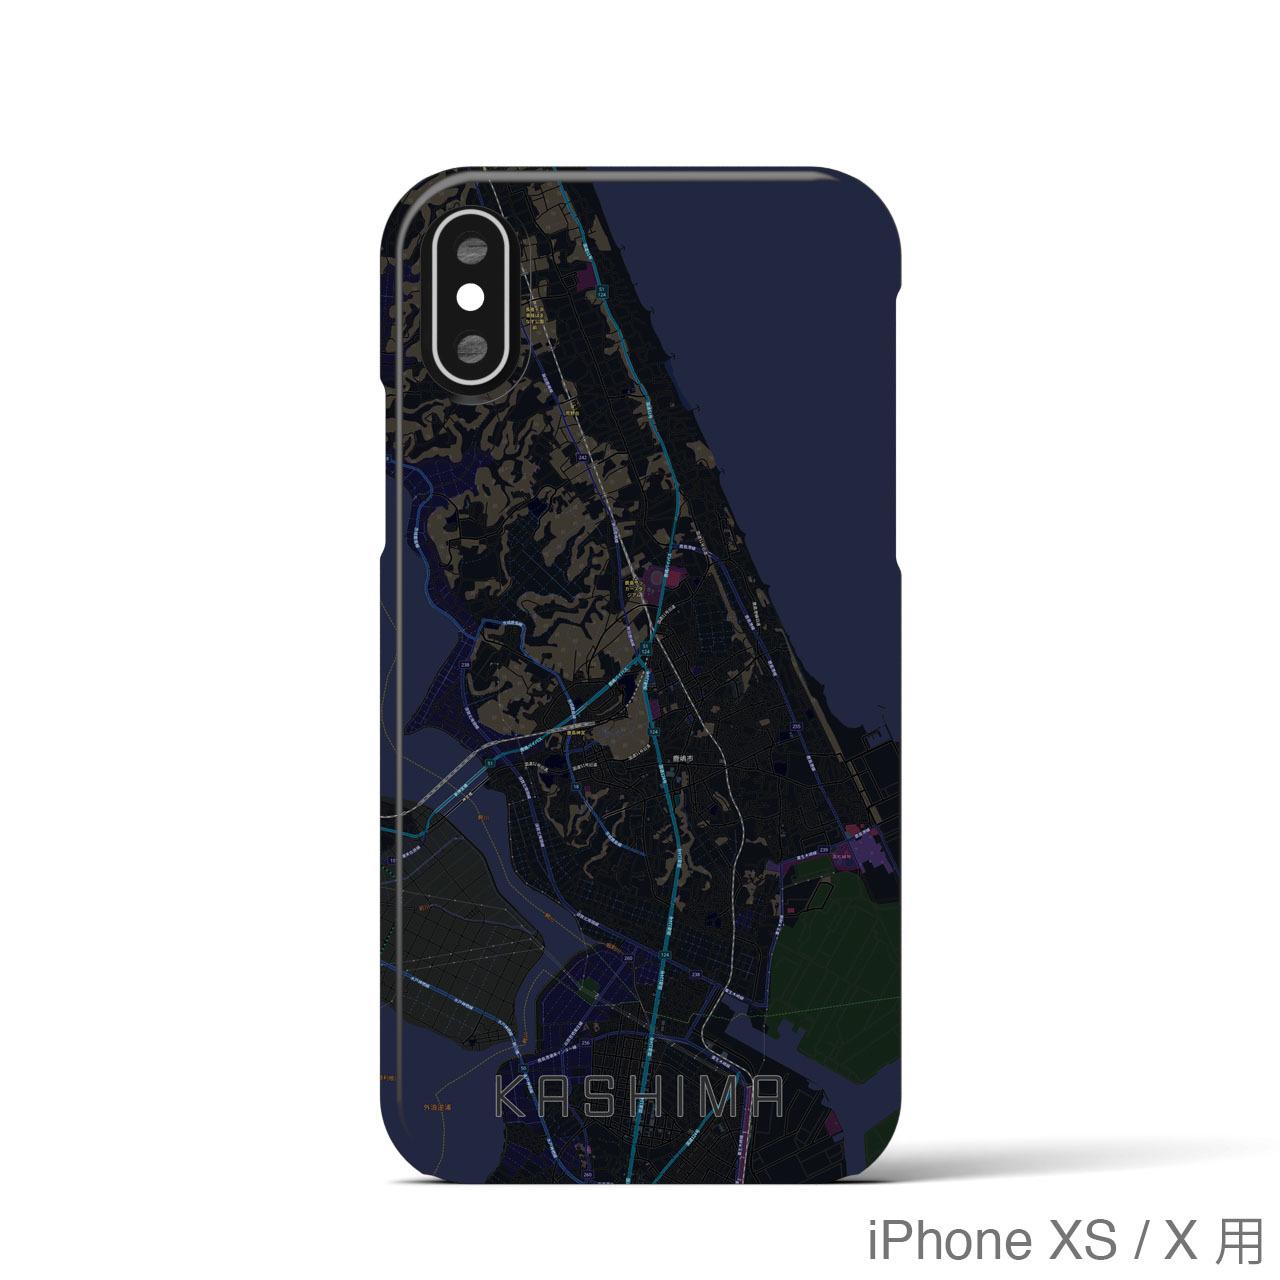 【鹿島】地図柄iPhoneケース(バックカバータイプ・ブラック)